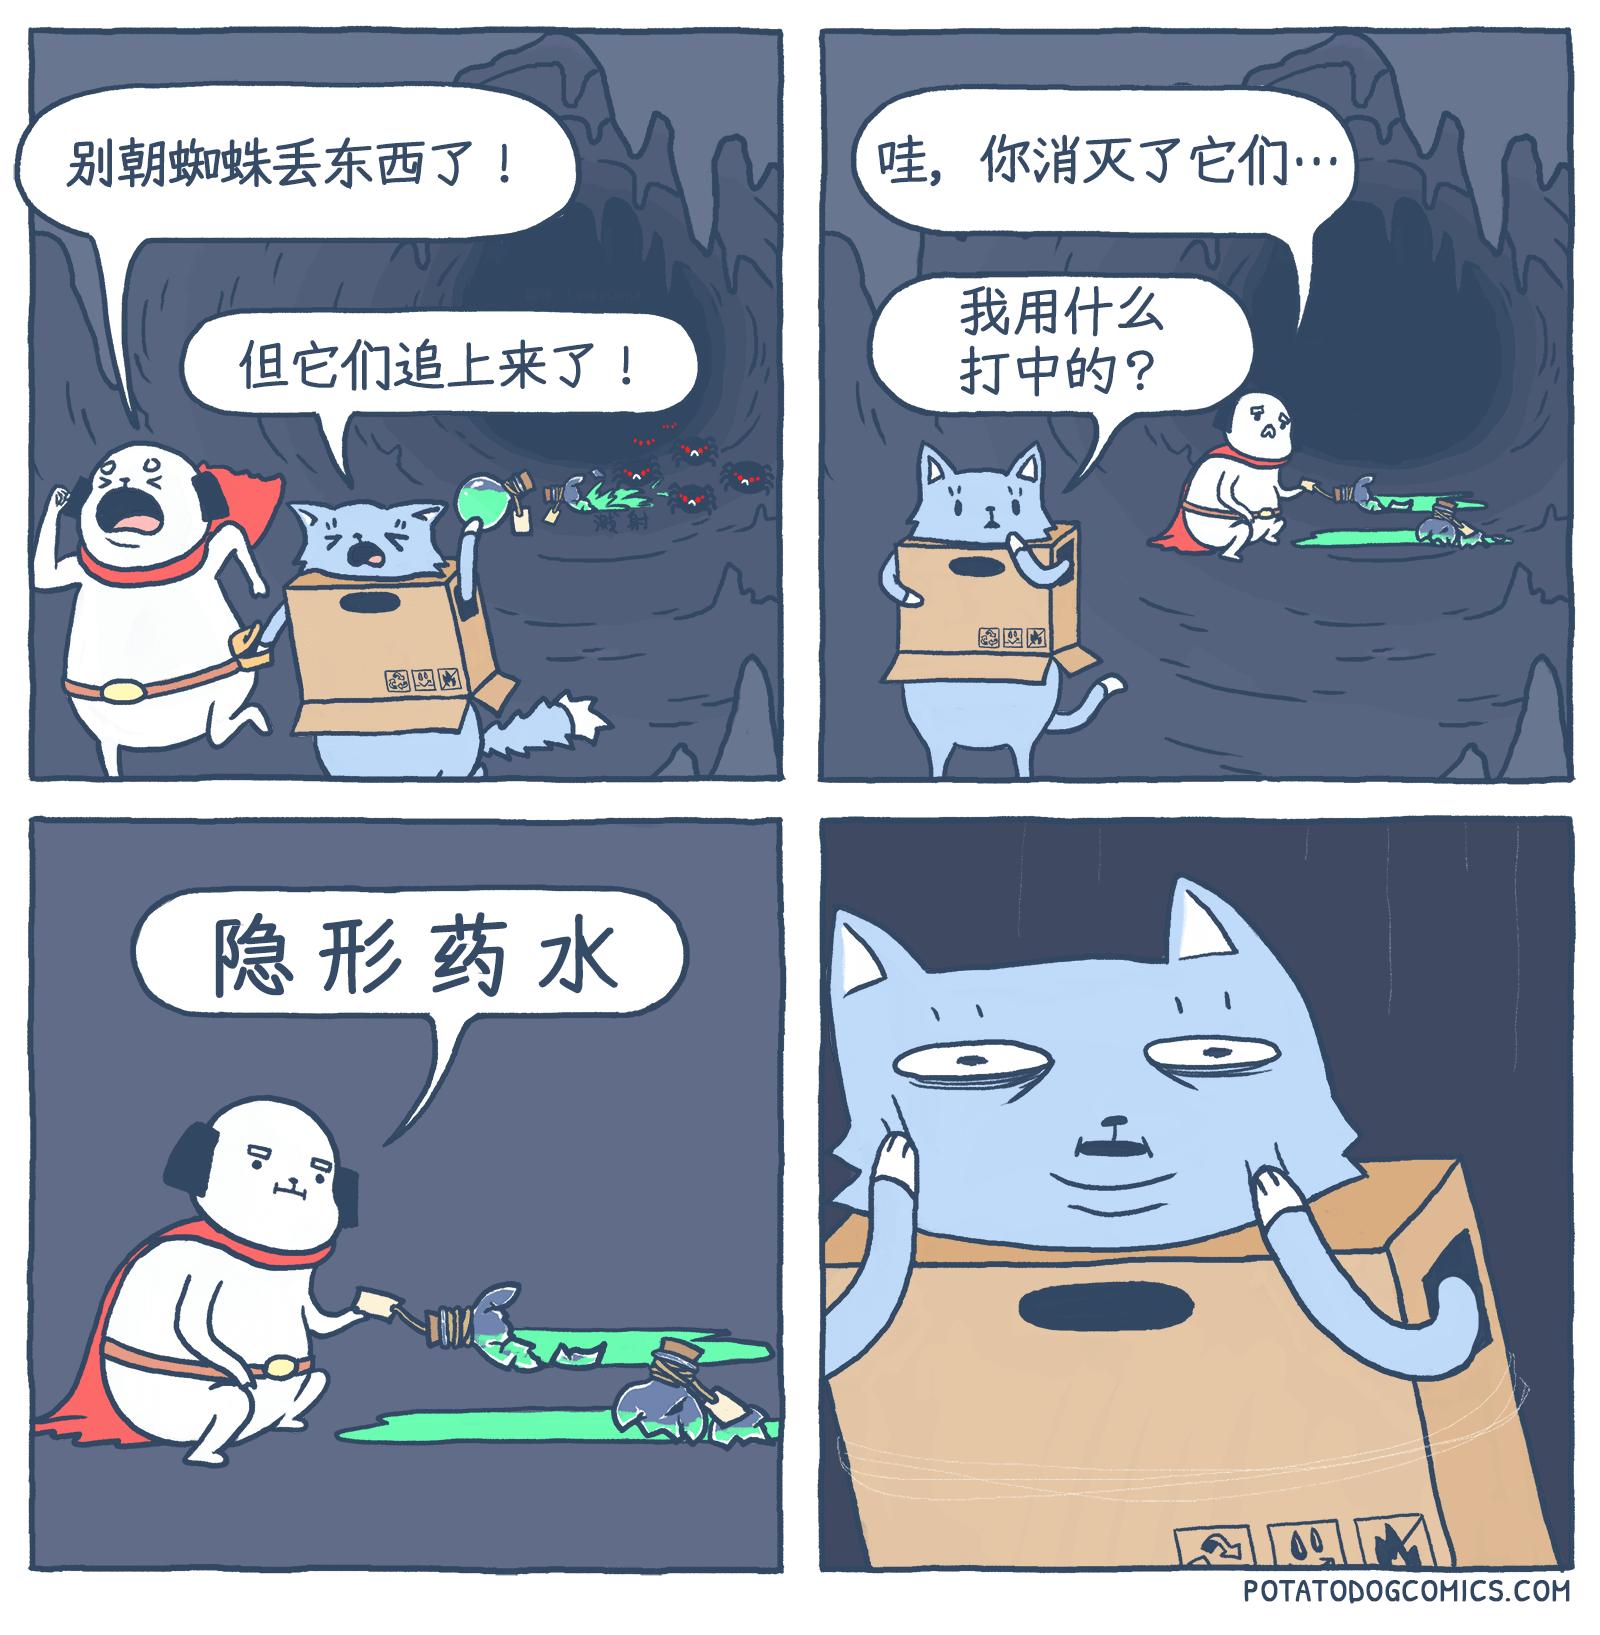 隐形药水(作者:Potato Dog Comics)